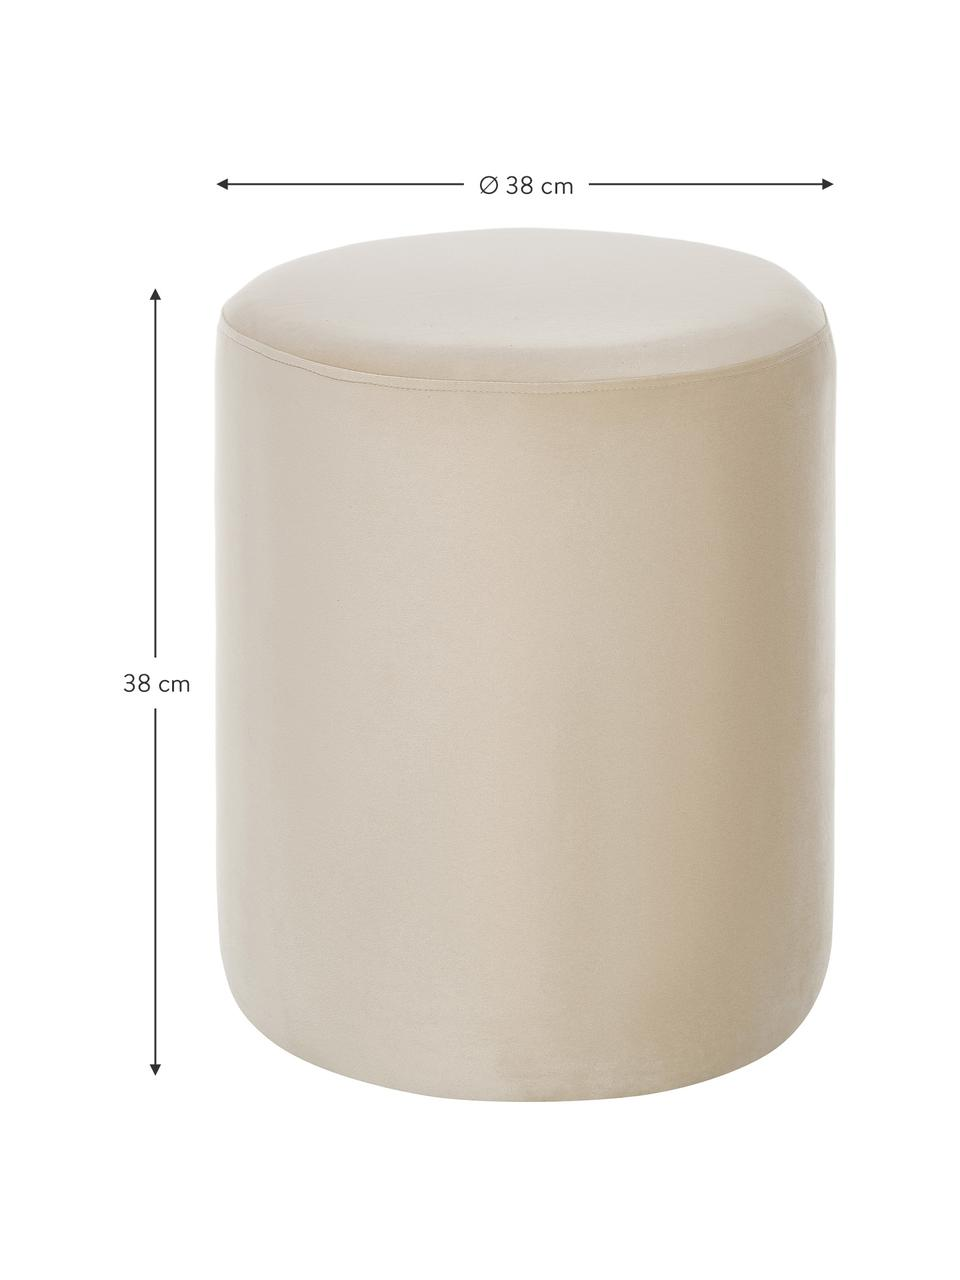 Samt-Hocker Daisy in Beige, Bezug: Samt (Polyester) Der hoch, Rahmen: Sperrholz, Samt Beige, Ø 38 x H 45 cm